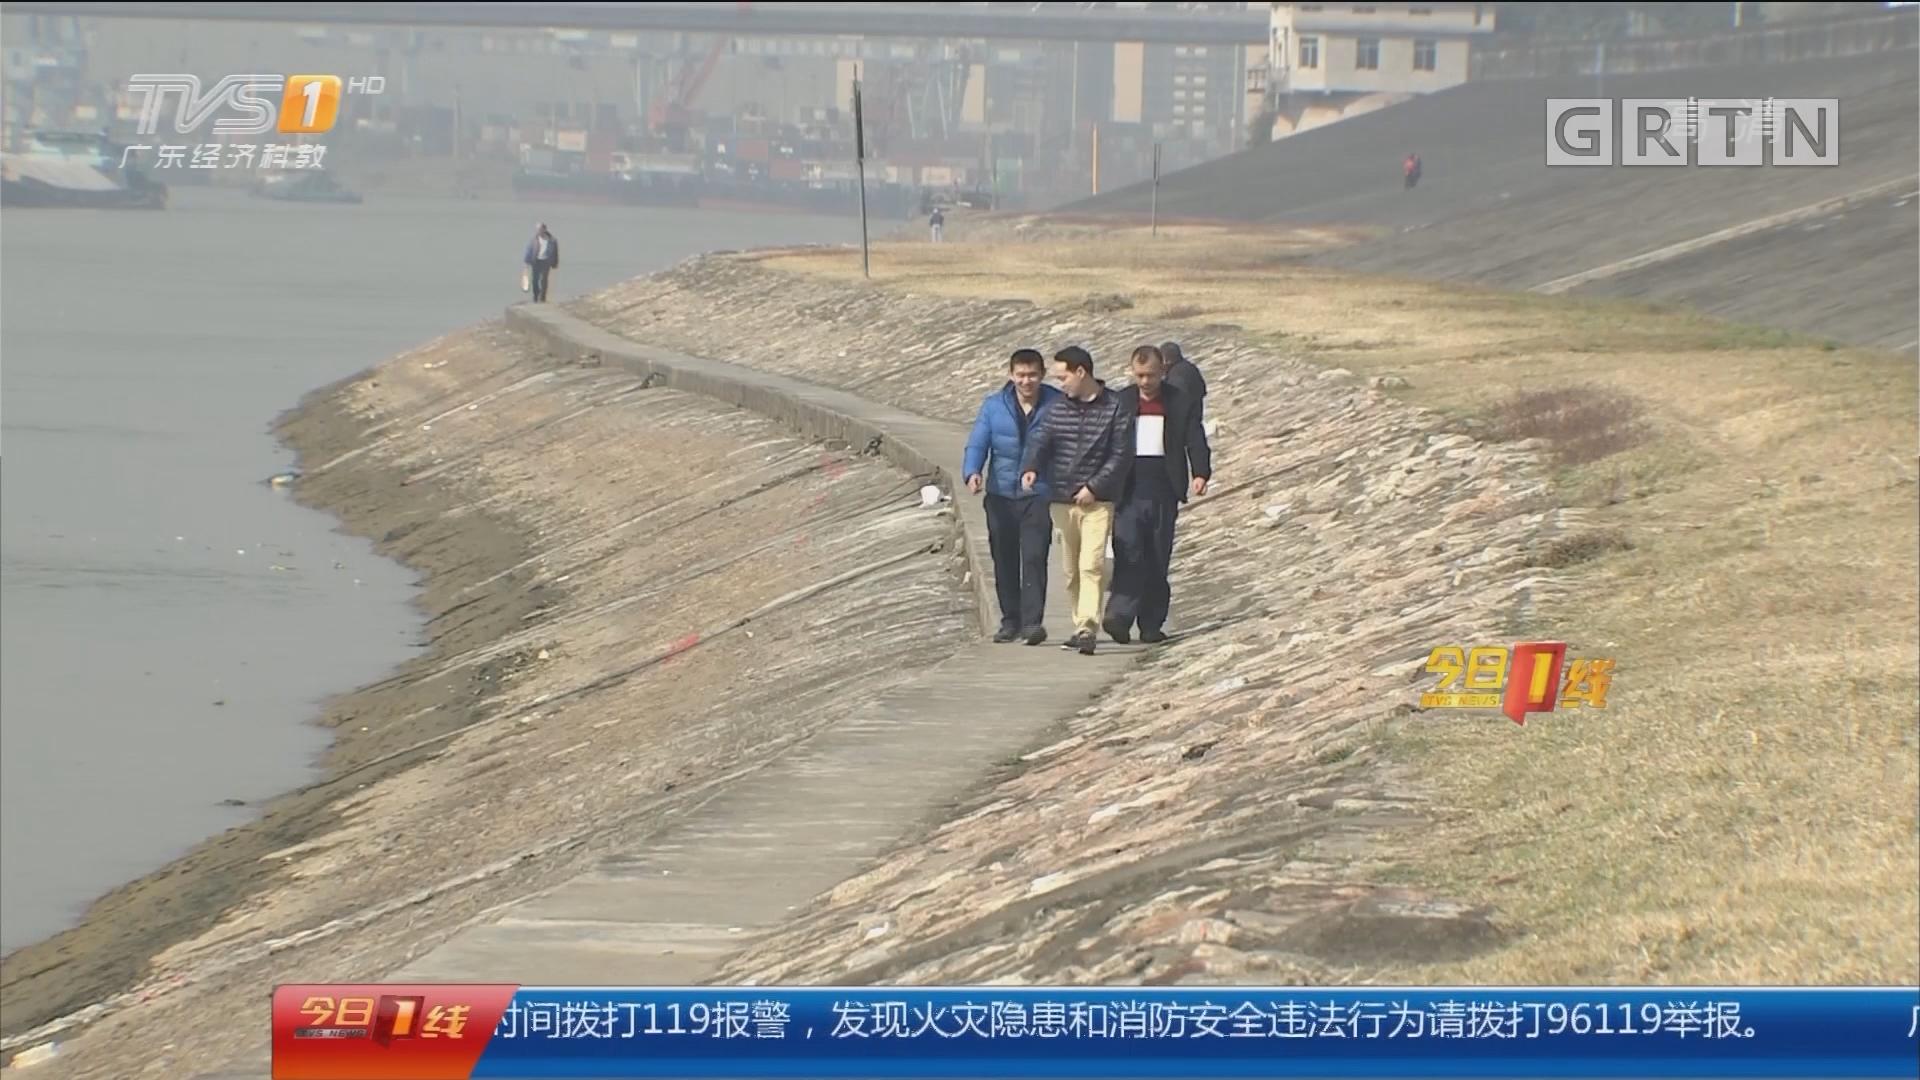 佛山三水:堤边散步不慎坠江 路人相救双双落水